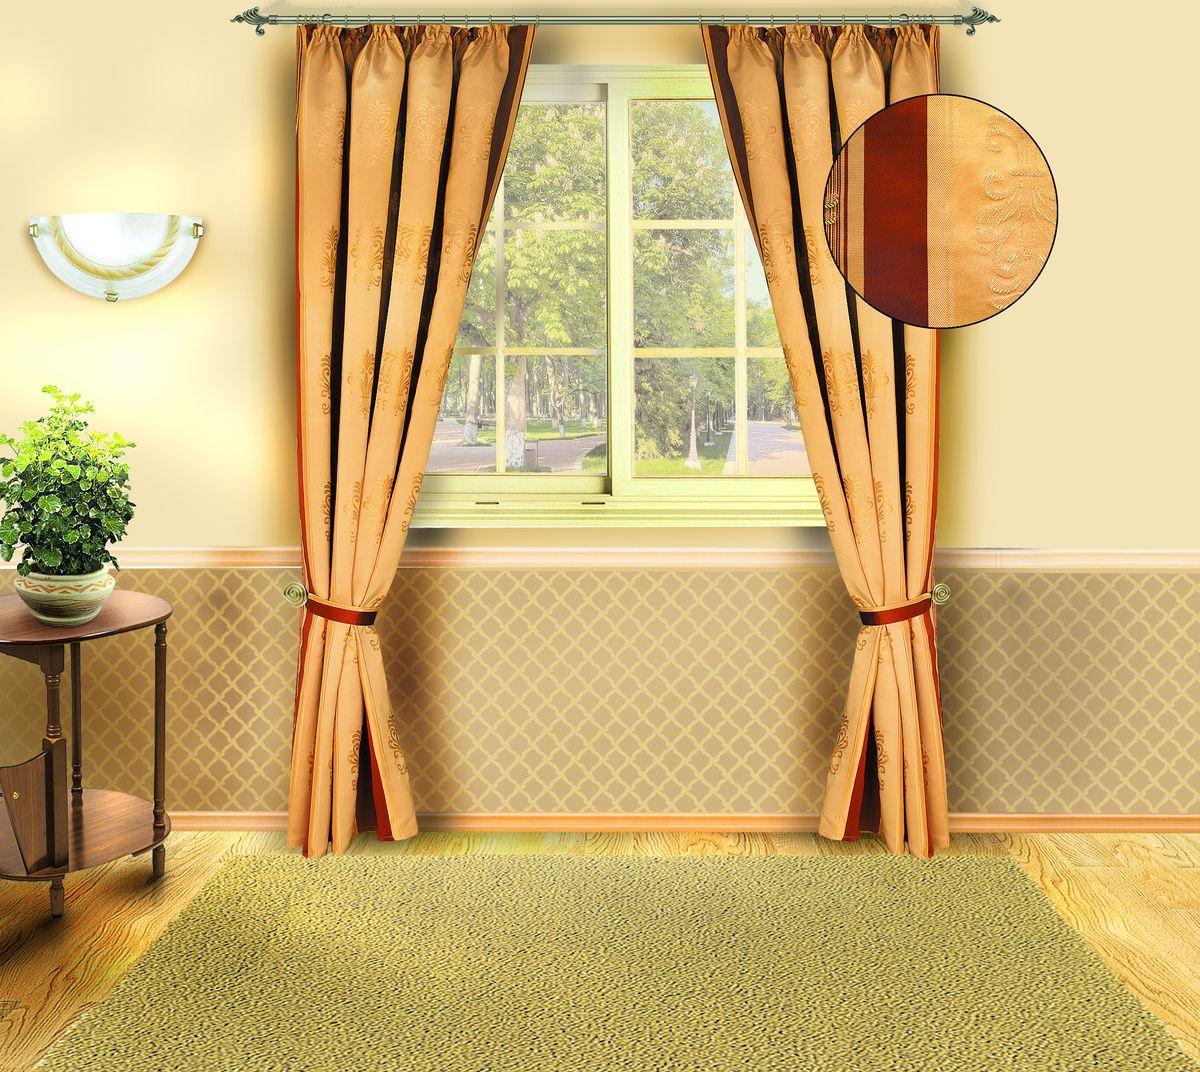 Комплект штор Zlata Korunka 140*250*2. Б140Б140Комплект штор Zlata Korunka 140*250*2. Б140 Материал: 100% п/э, размер: 140*250*2, цвет: коричневый